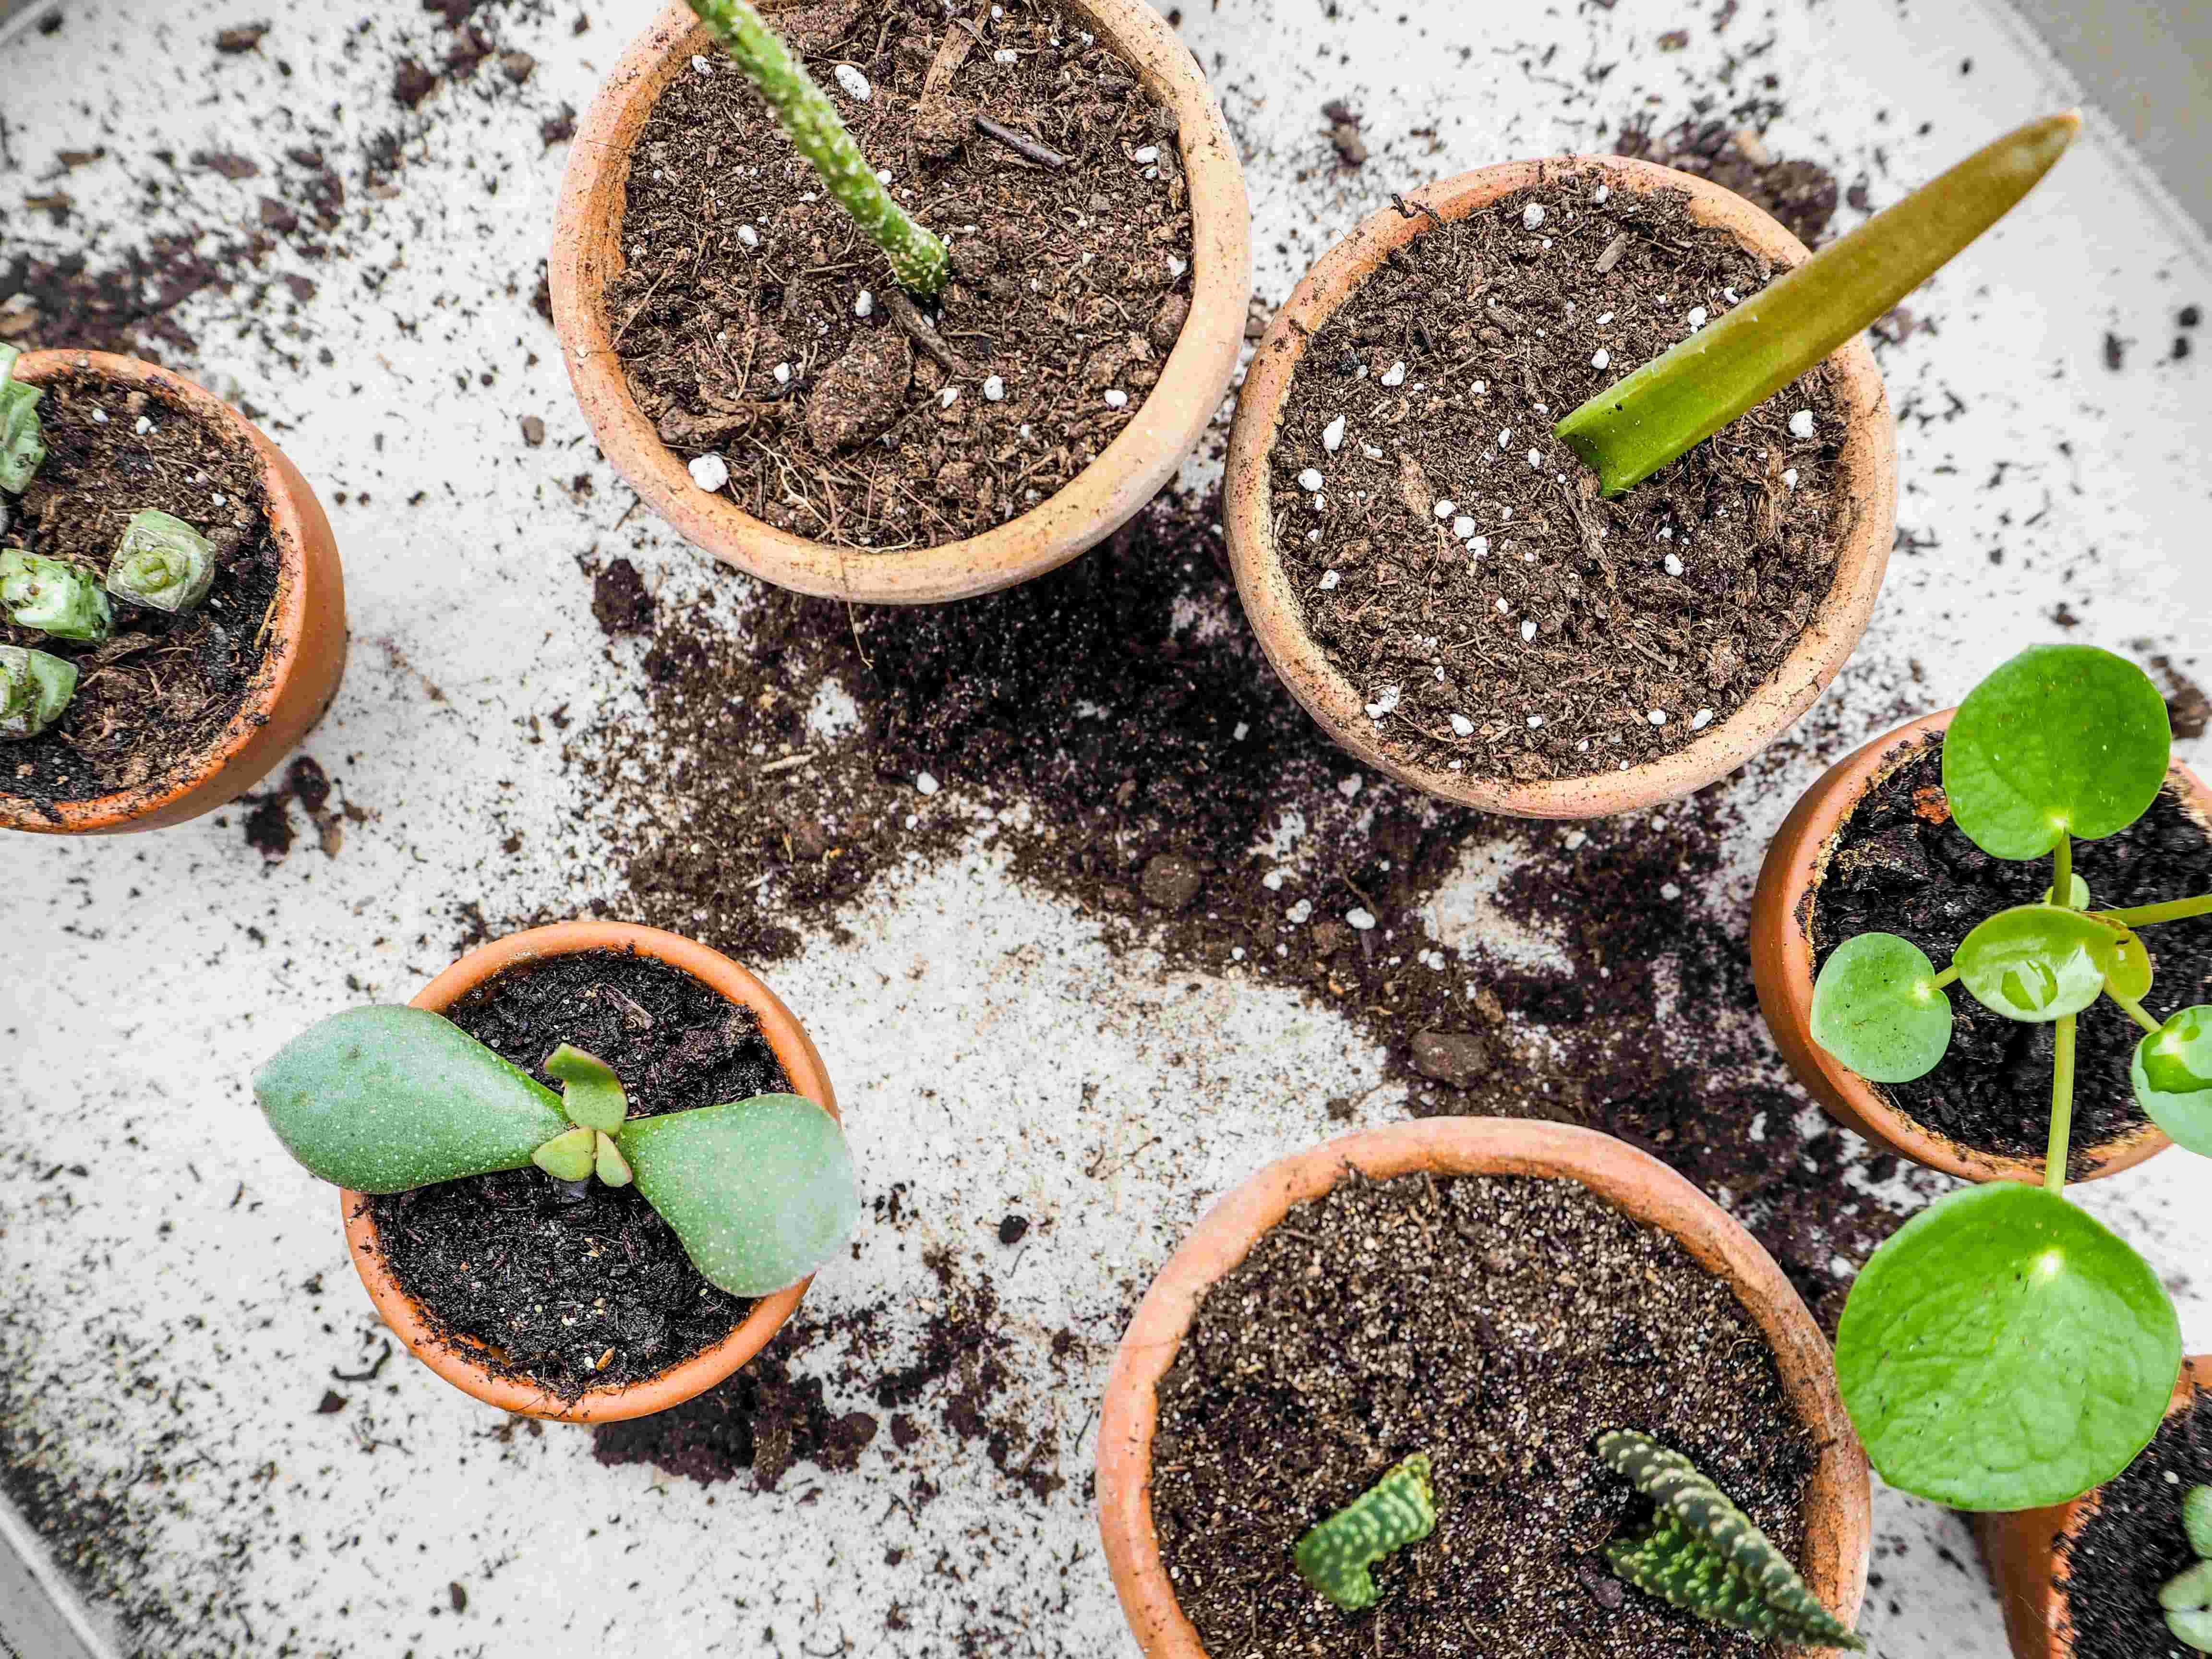 Soil method